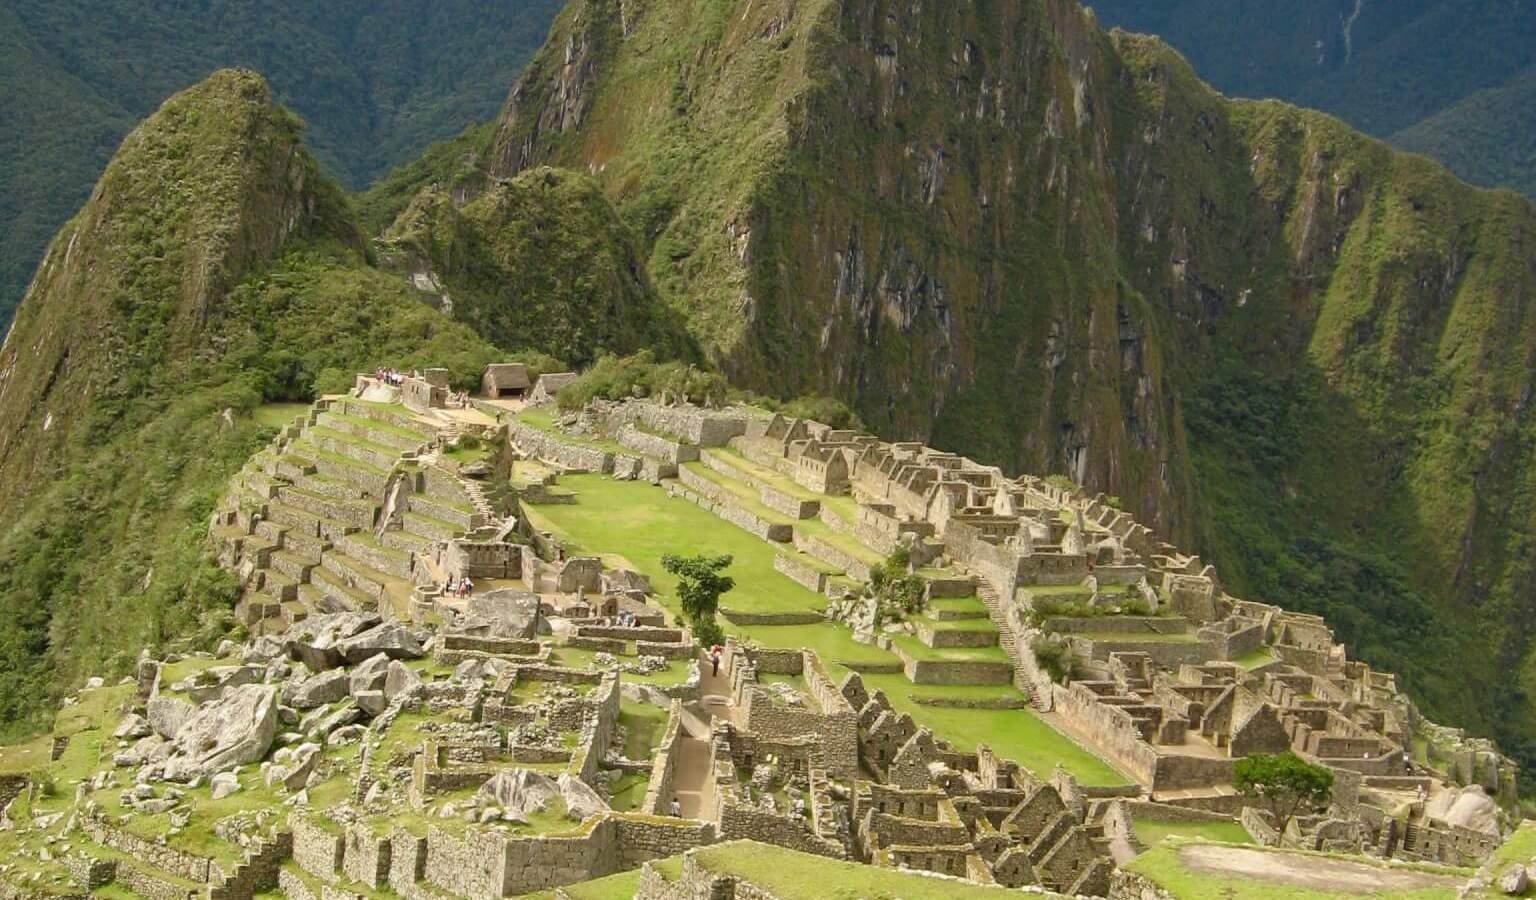 Complete view of Macchu Pichu